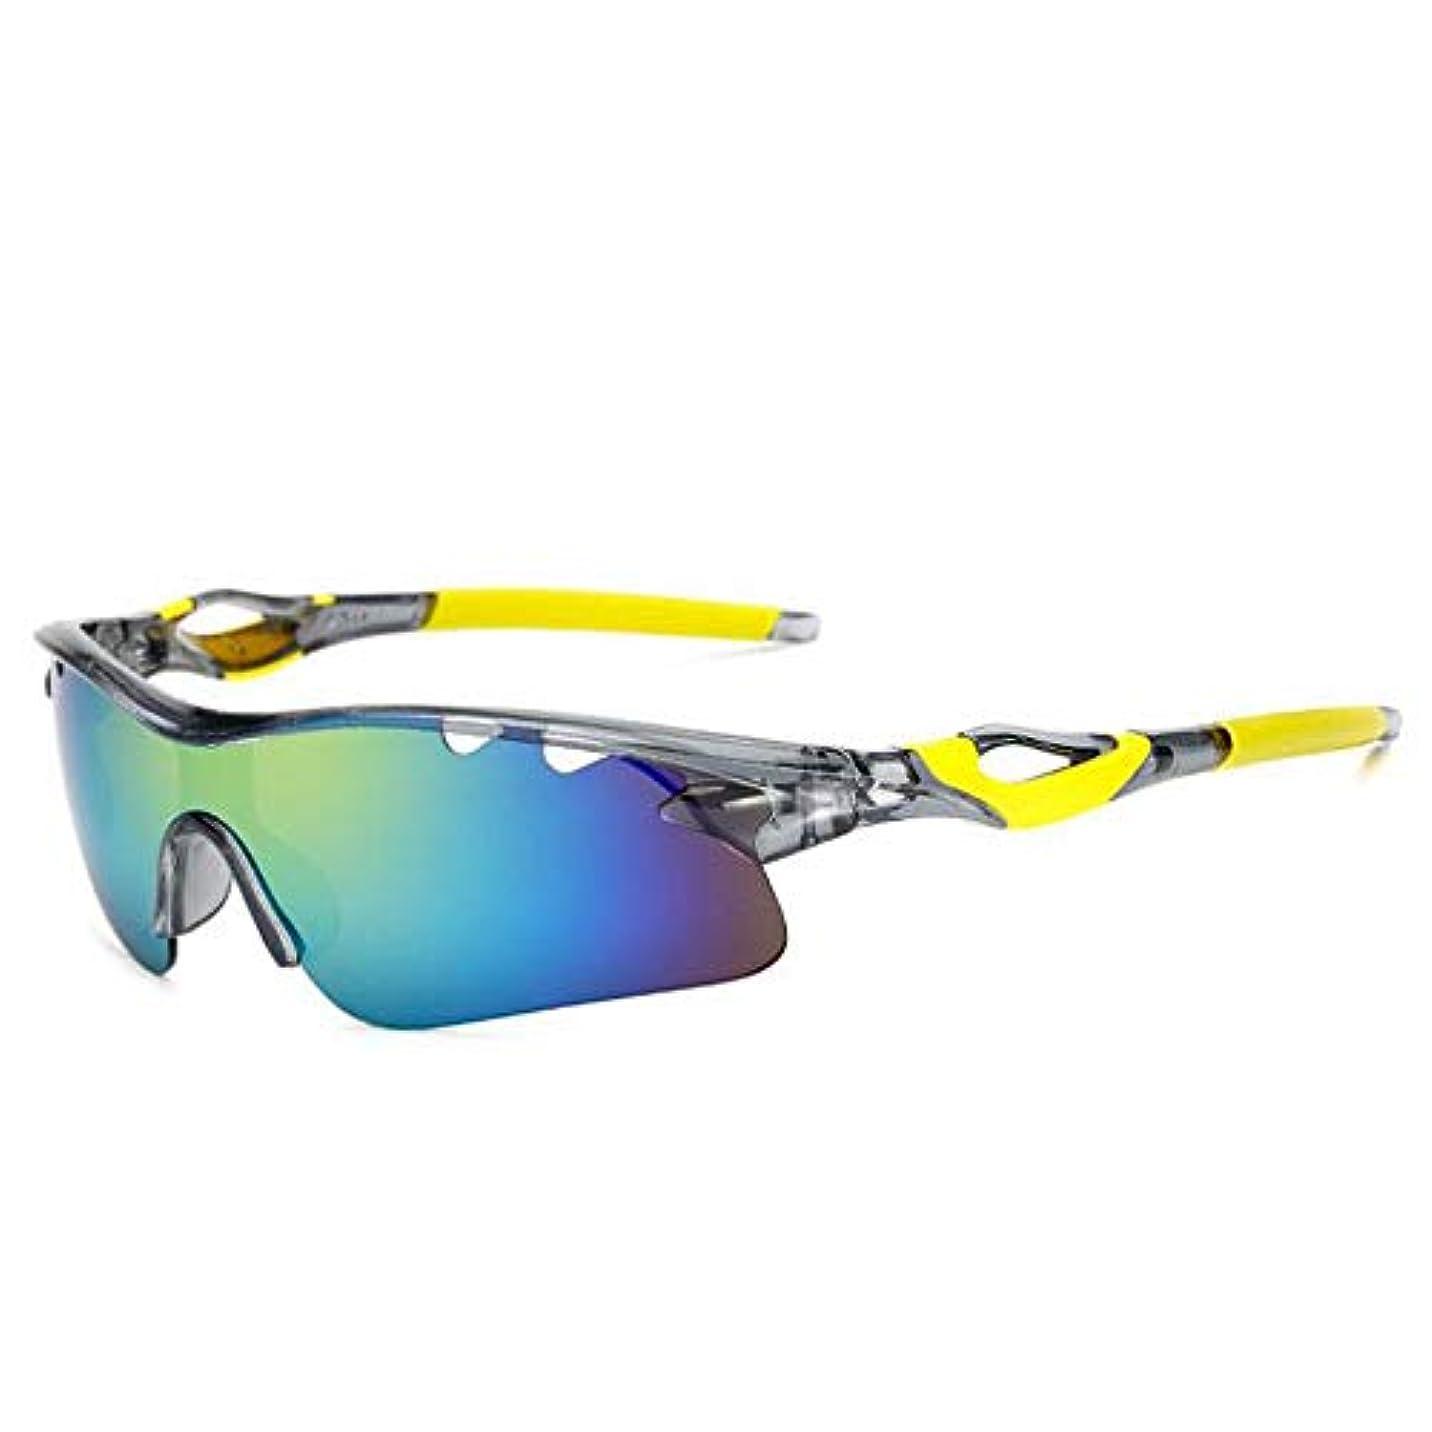 作り上げる土のれんスポーツサングラス スポーツサングラス保護サイクリングメガネ偏光UV400用サイクリング、野球、釣り、スキーランニング、ゴルフ 軽量 ユニセックス 紫外線防止 登山 ゴルフ 釣り 野球 ランニング